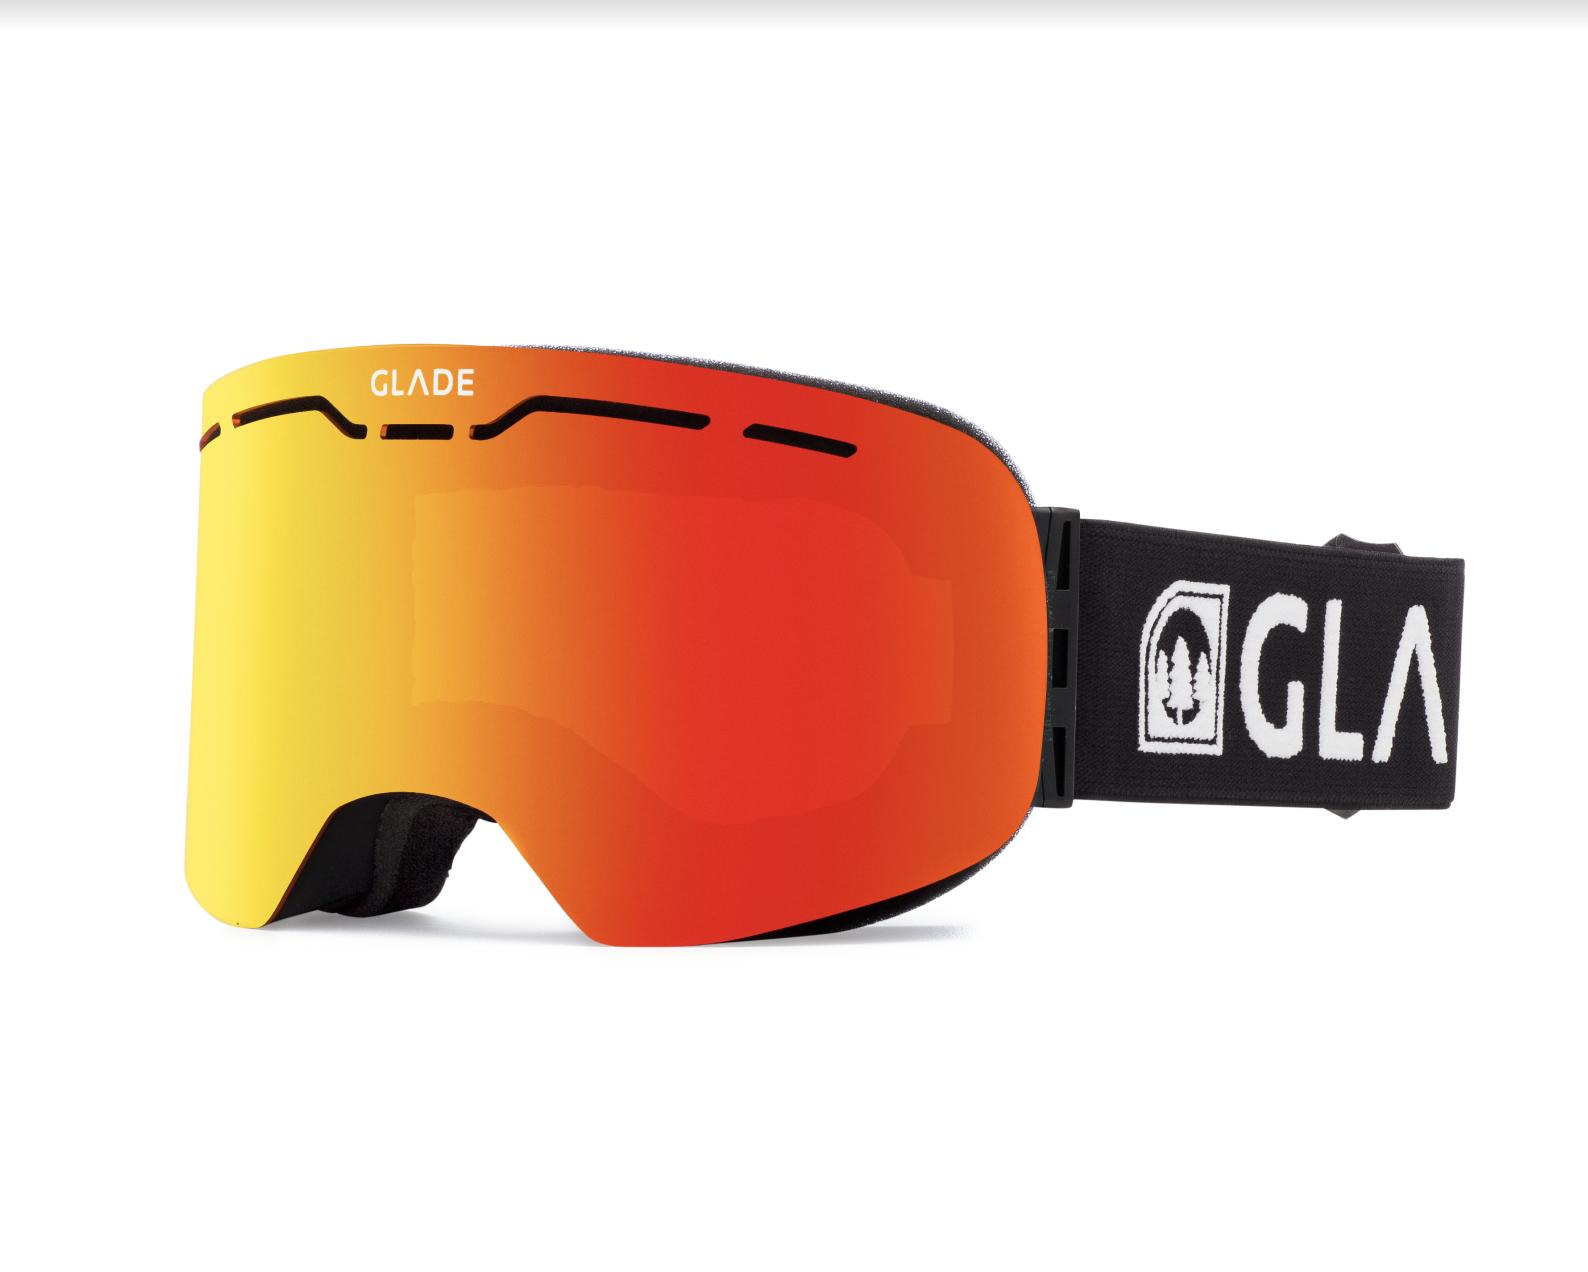 Glade Goggles